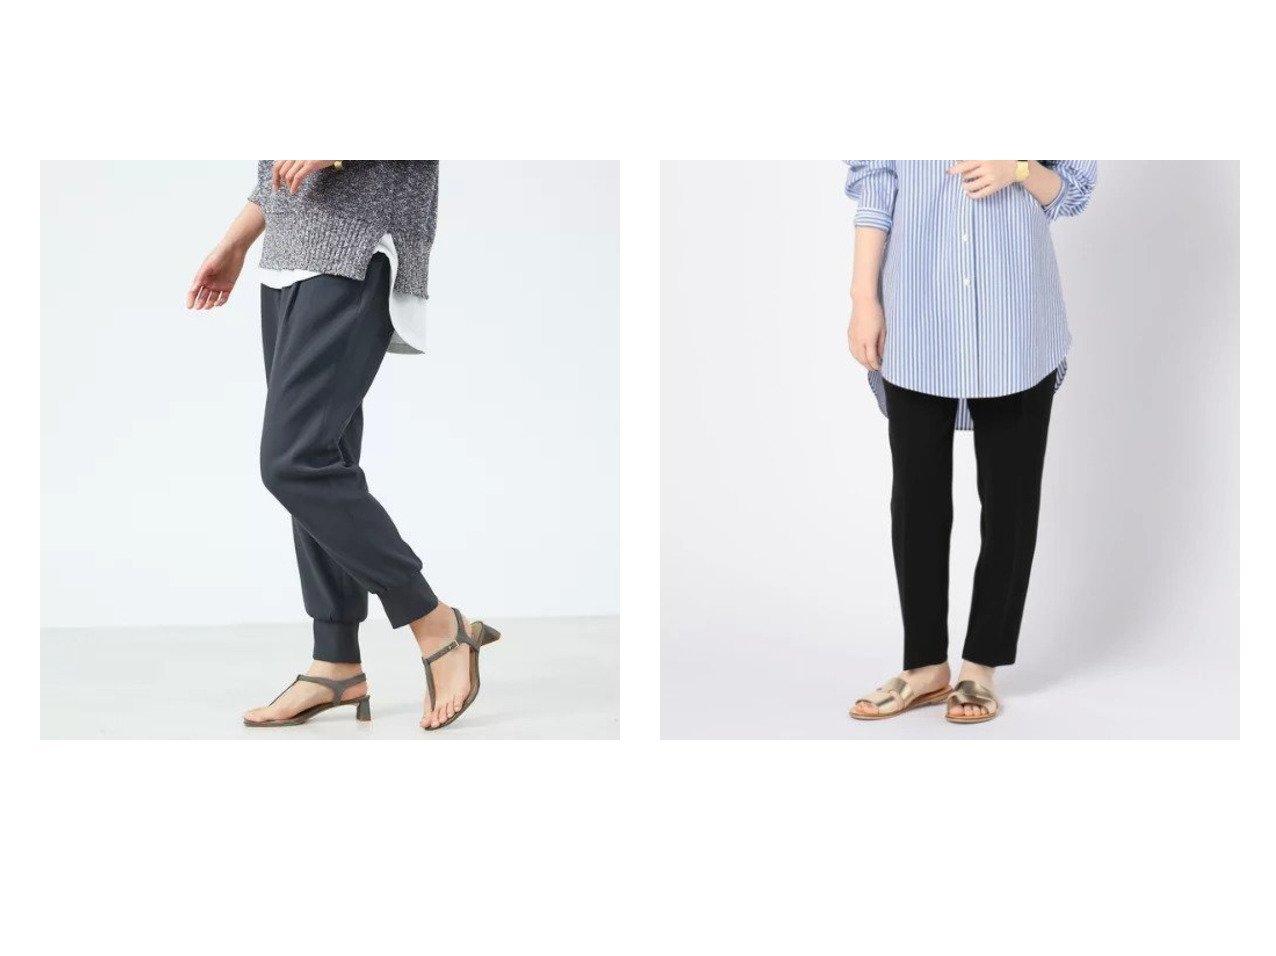 【NOLLEY'S/ノーリーズ】の平二重タックイージーパンツ&【qualite/カリテ】のジョーゼットドロストジョグパンツ パンツのおすすめ!人気、トレンド・レディースファッションの通販 おすすめで人気の流行・トレンド、ファッションの通販商品 メンズファッション・キッズファッション・インテリア・家具・レディースファッション・服の通販 founy(ファニー) https://founy.com/ ファッション Fashion レディースファッション WOMEN パンツ Pants A/W 秋冬 AW Autumn/Winter / FW Fall-Winter おすすめ Recommend スポーティ ドレープ フィット ワーク 春 Spring セットアップ |ID:crp329100000025265